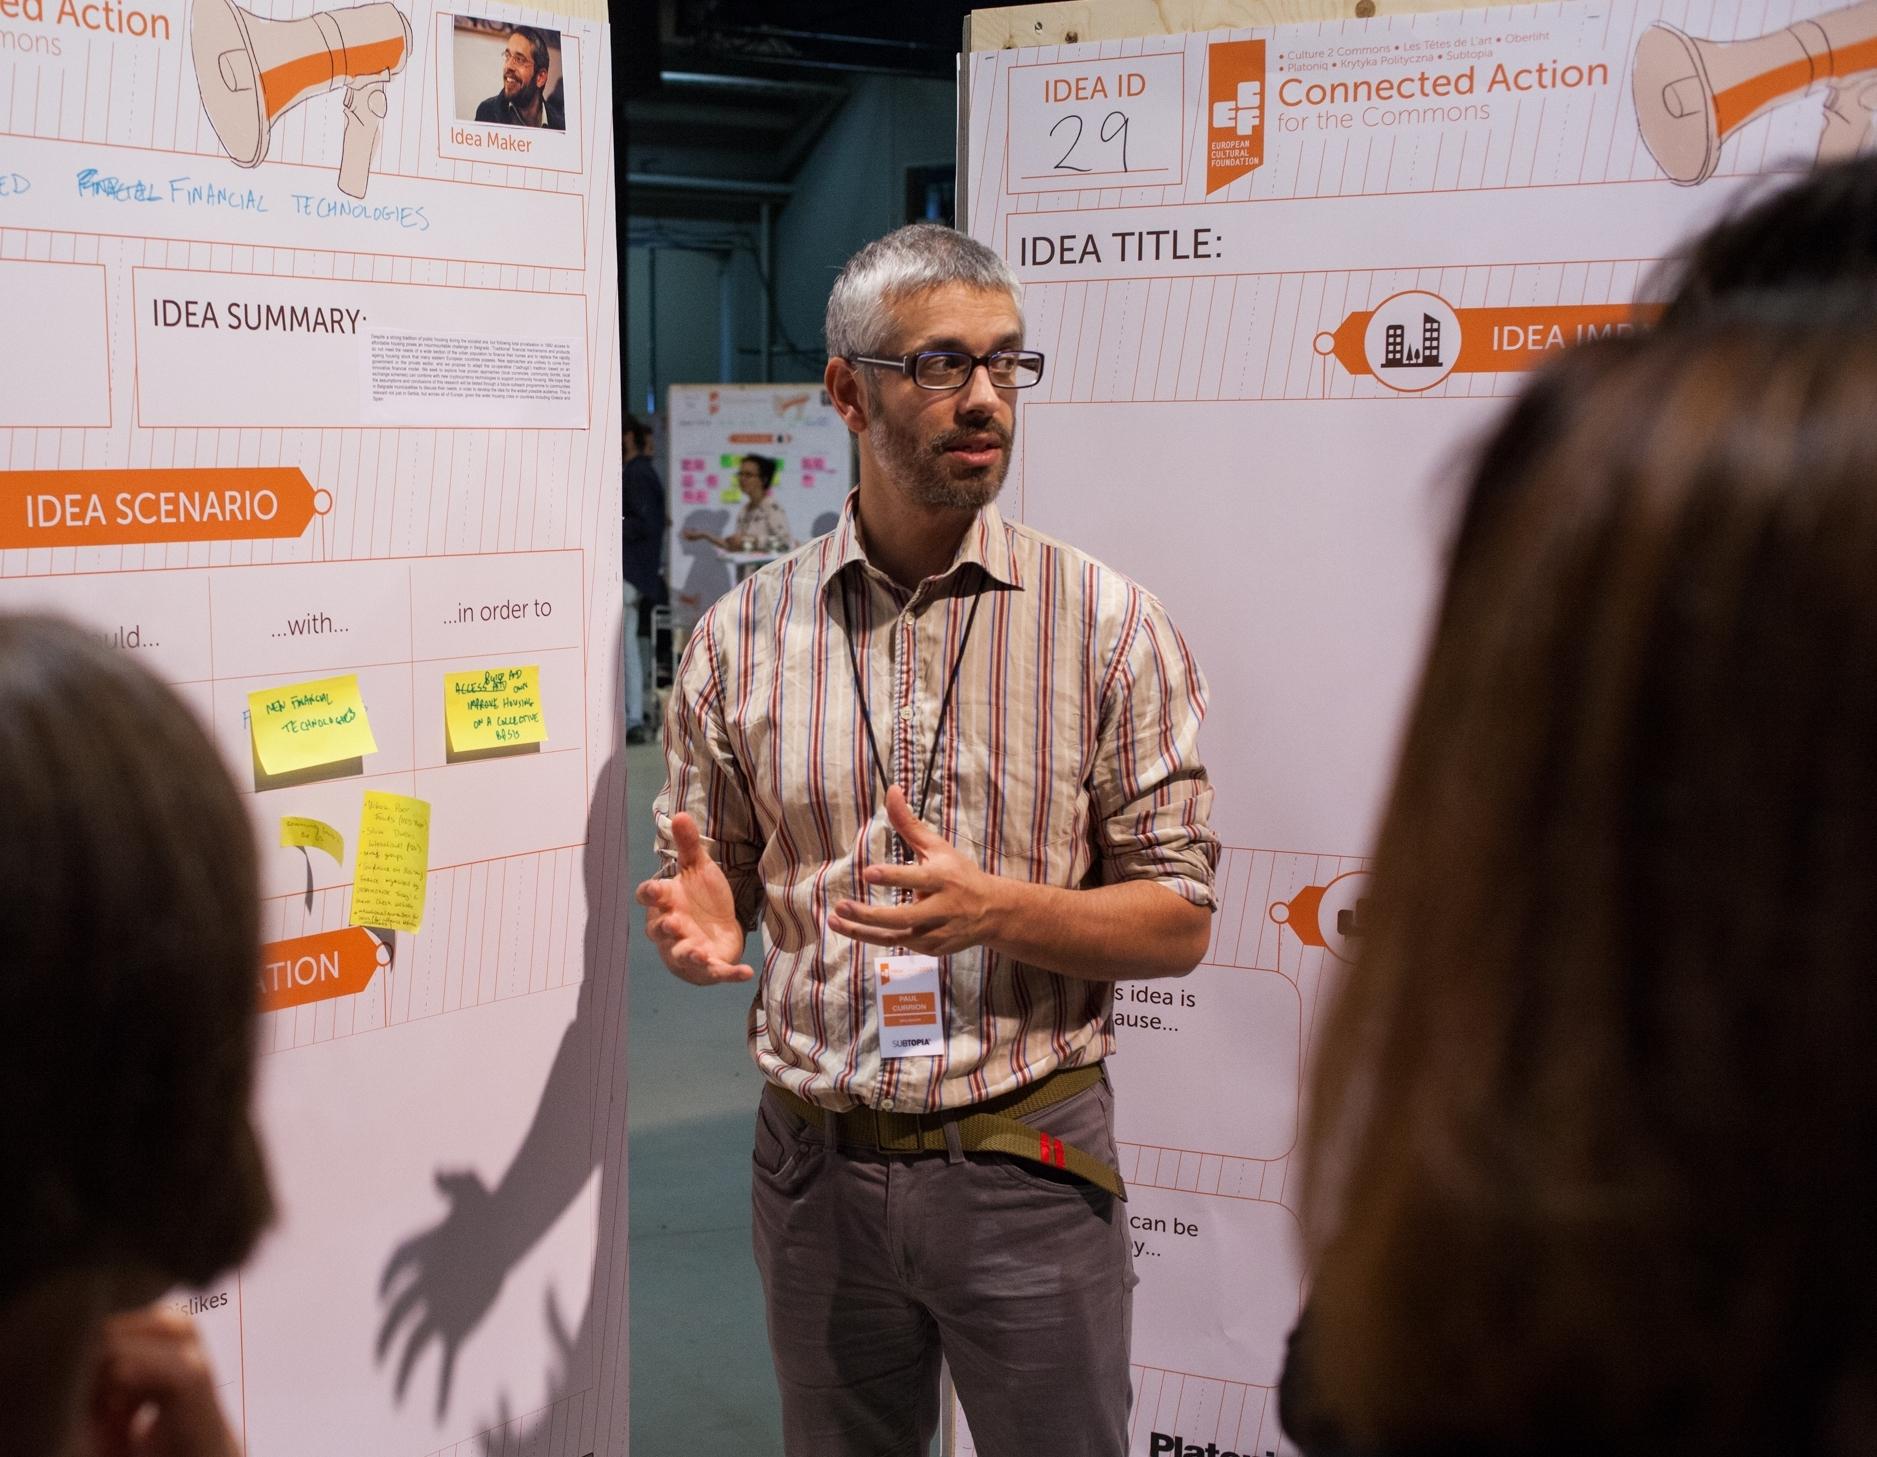 Paul Currion at the Idea Camp 2015. Photo by Julio Albarrán.